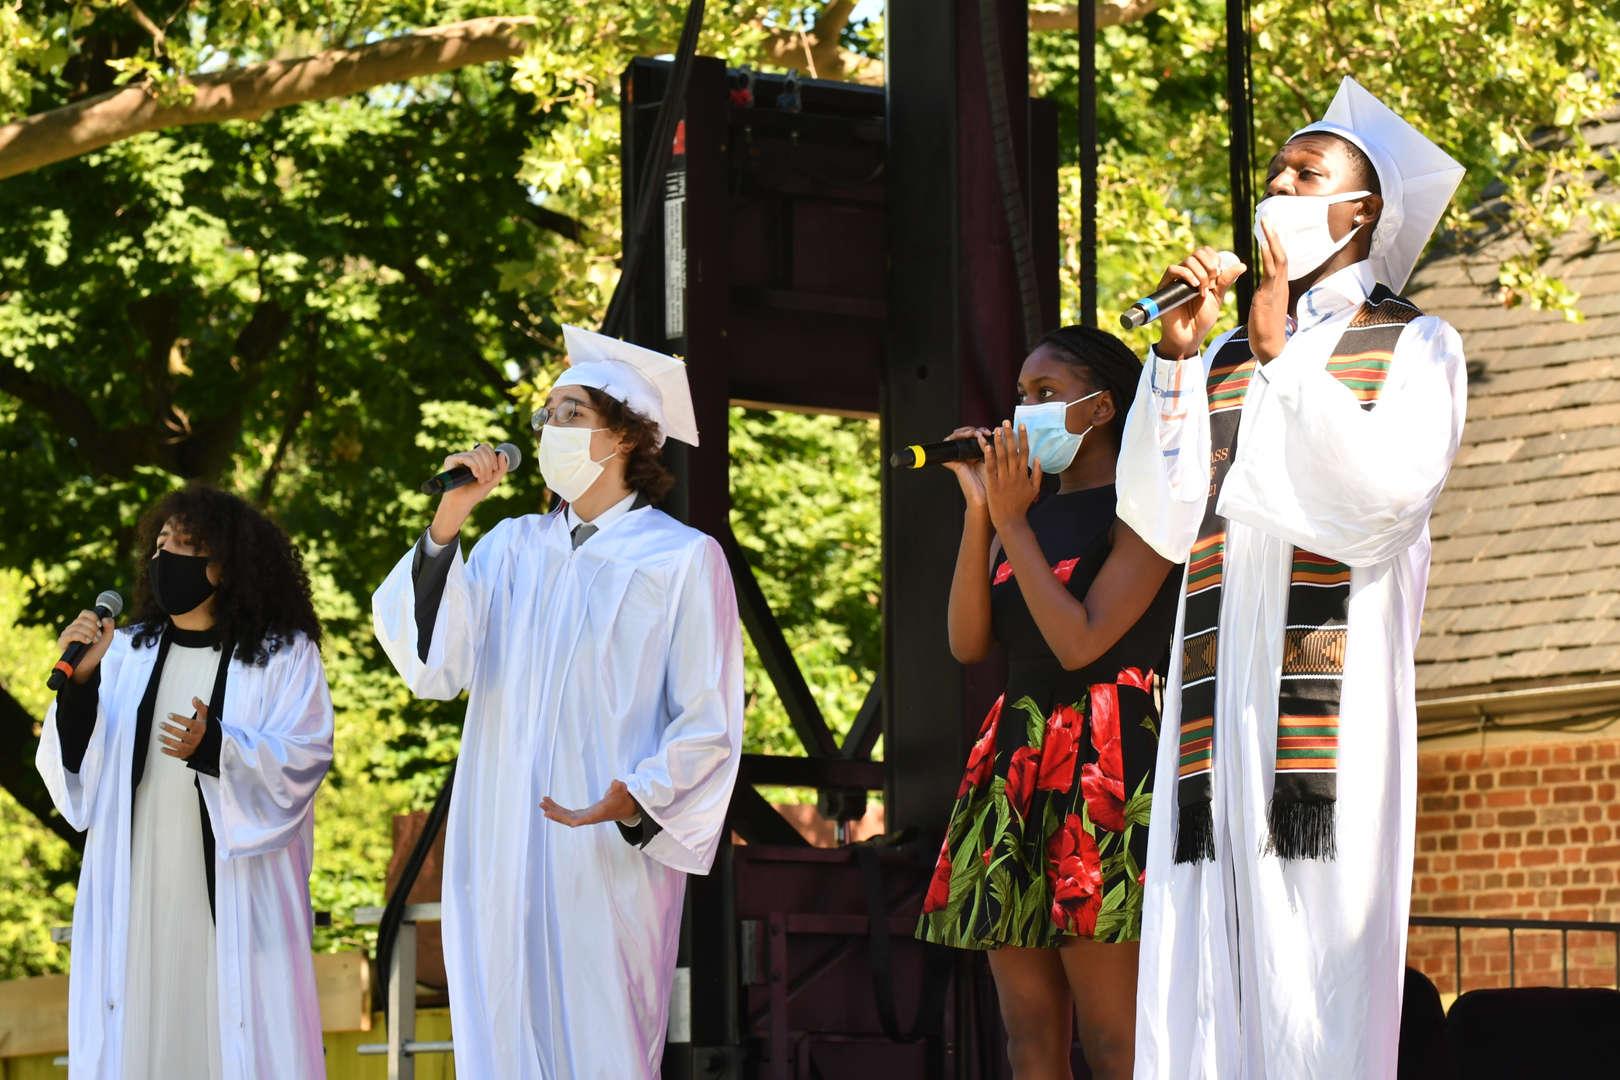 Gospel Choir Performing